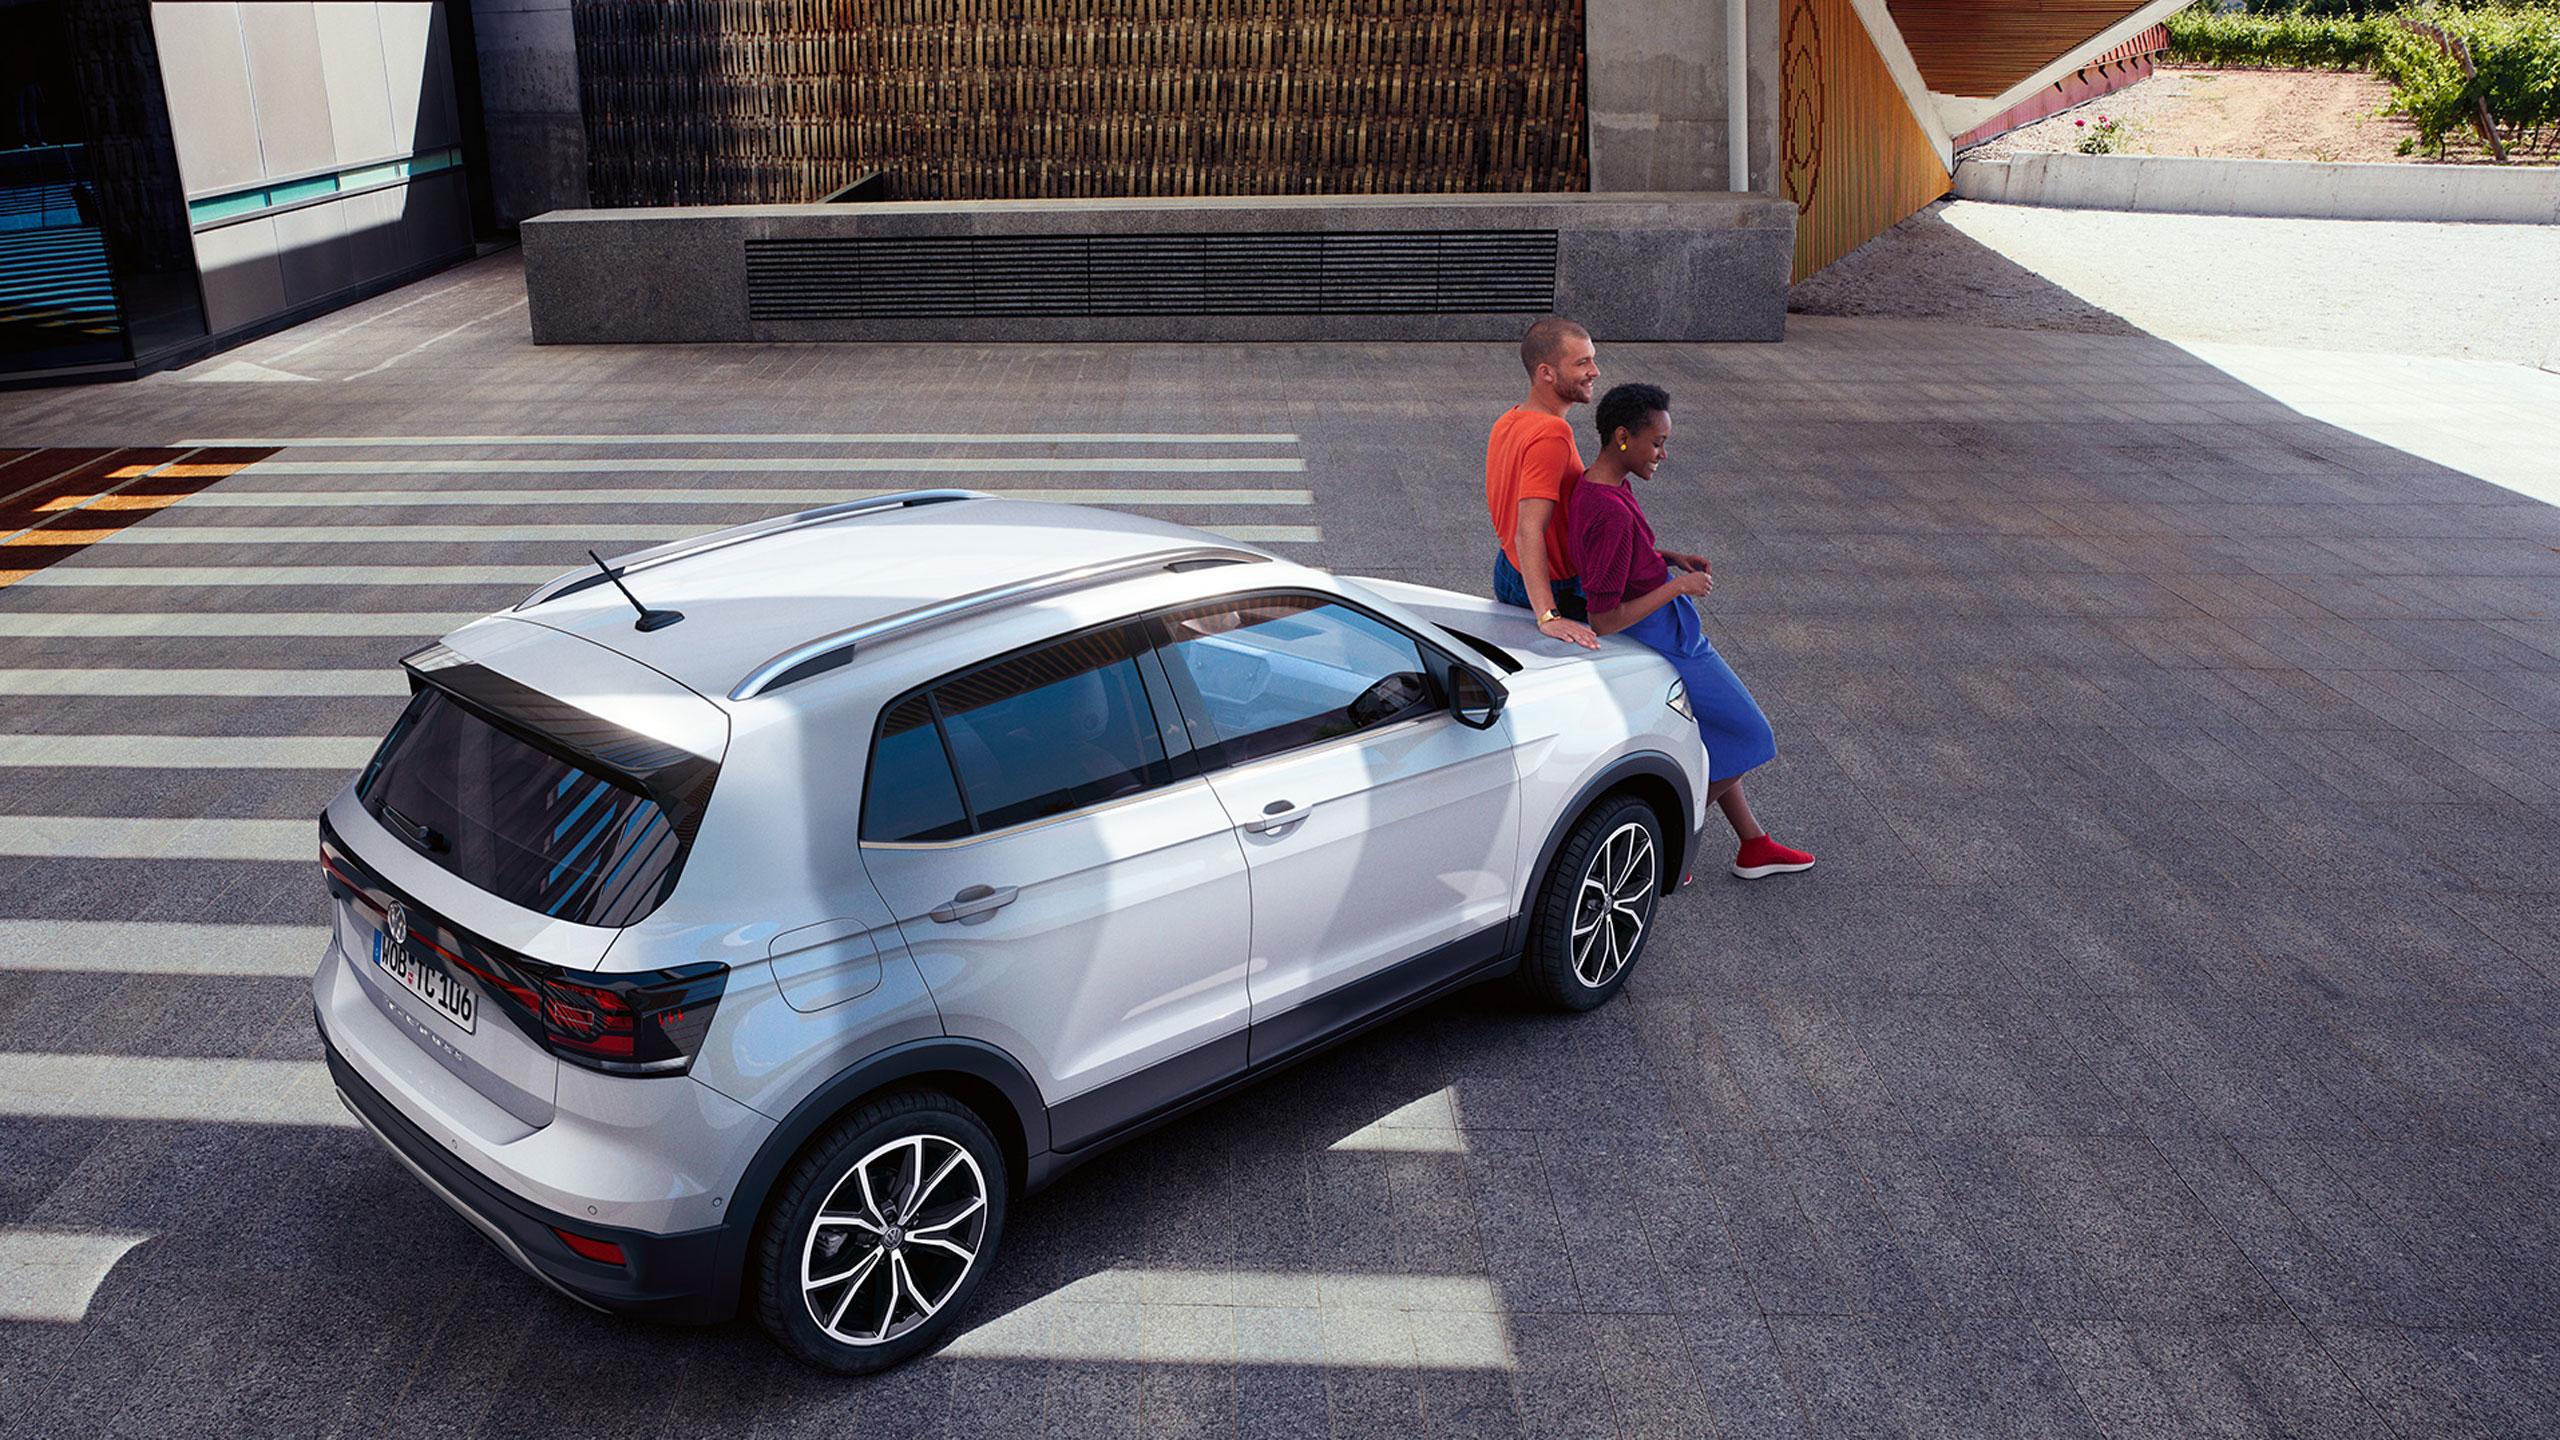 Volkswagen Erste Liebe Autohaus Braun Gmbh